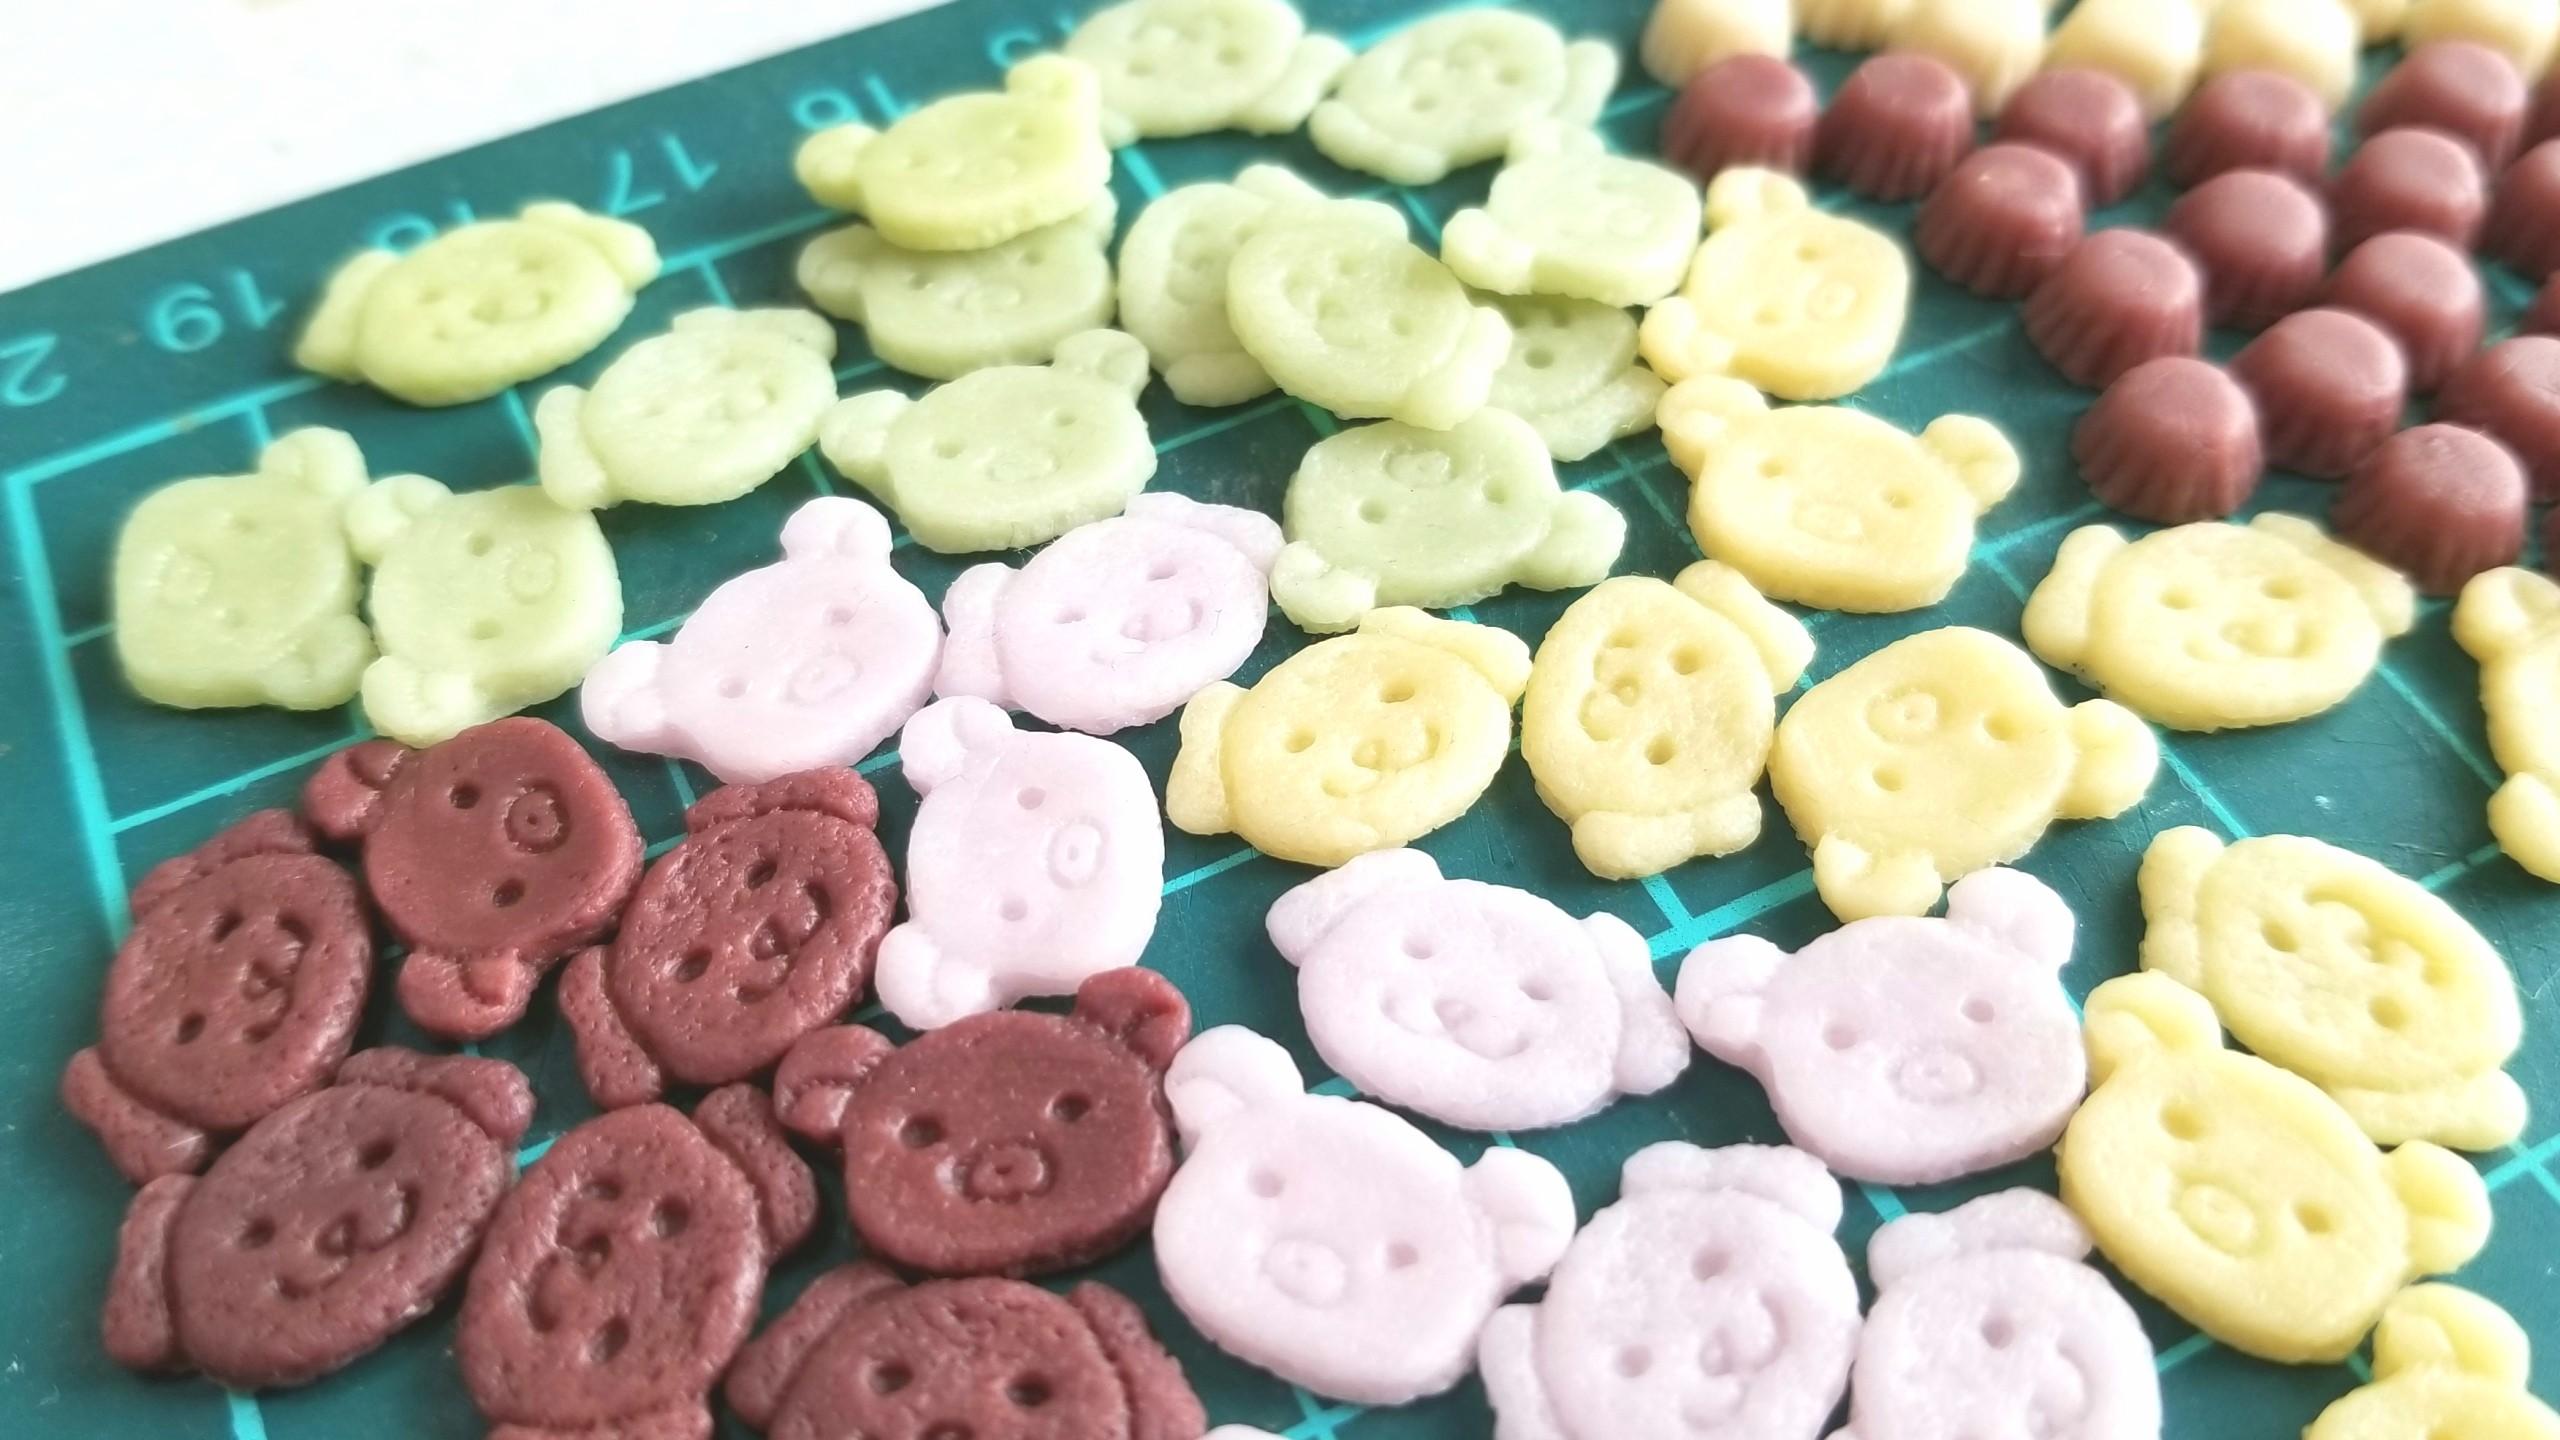 ミニチュア,クマちゃんクッキー,作り方,樹脂粘土,フェイクフード